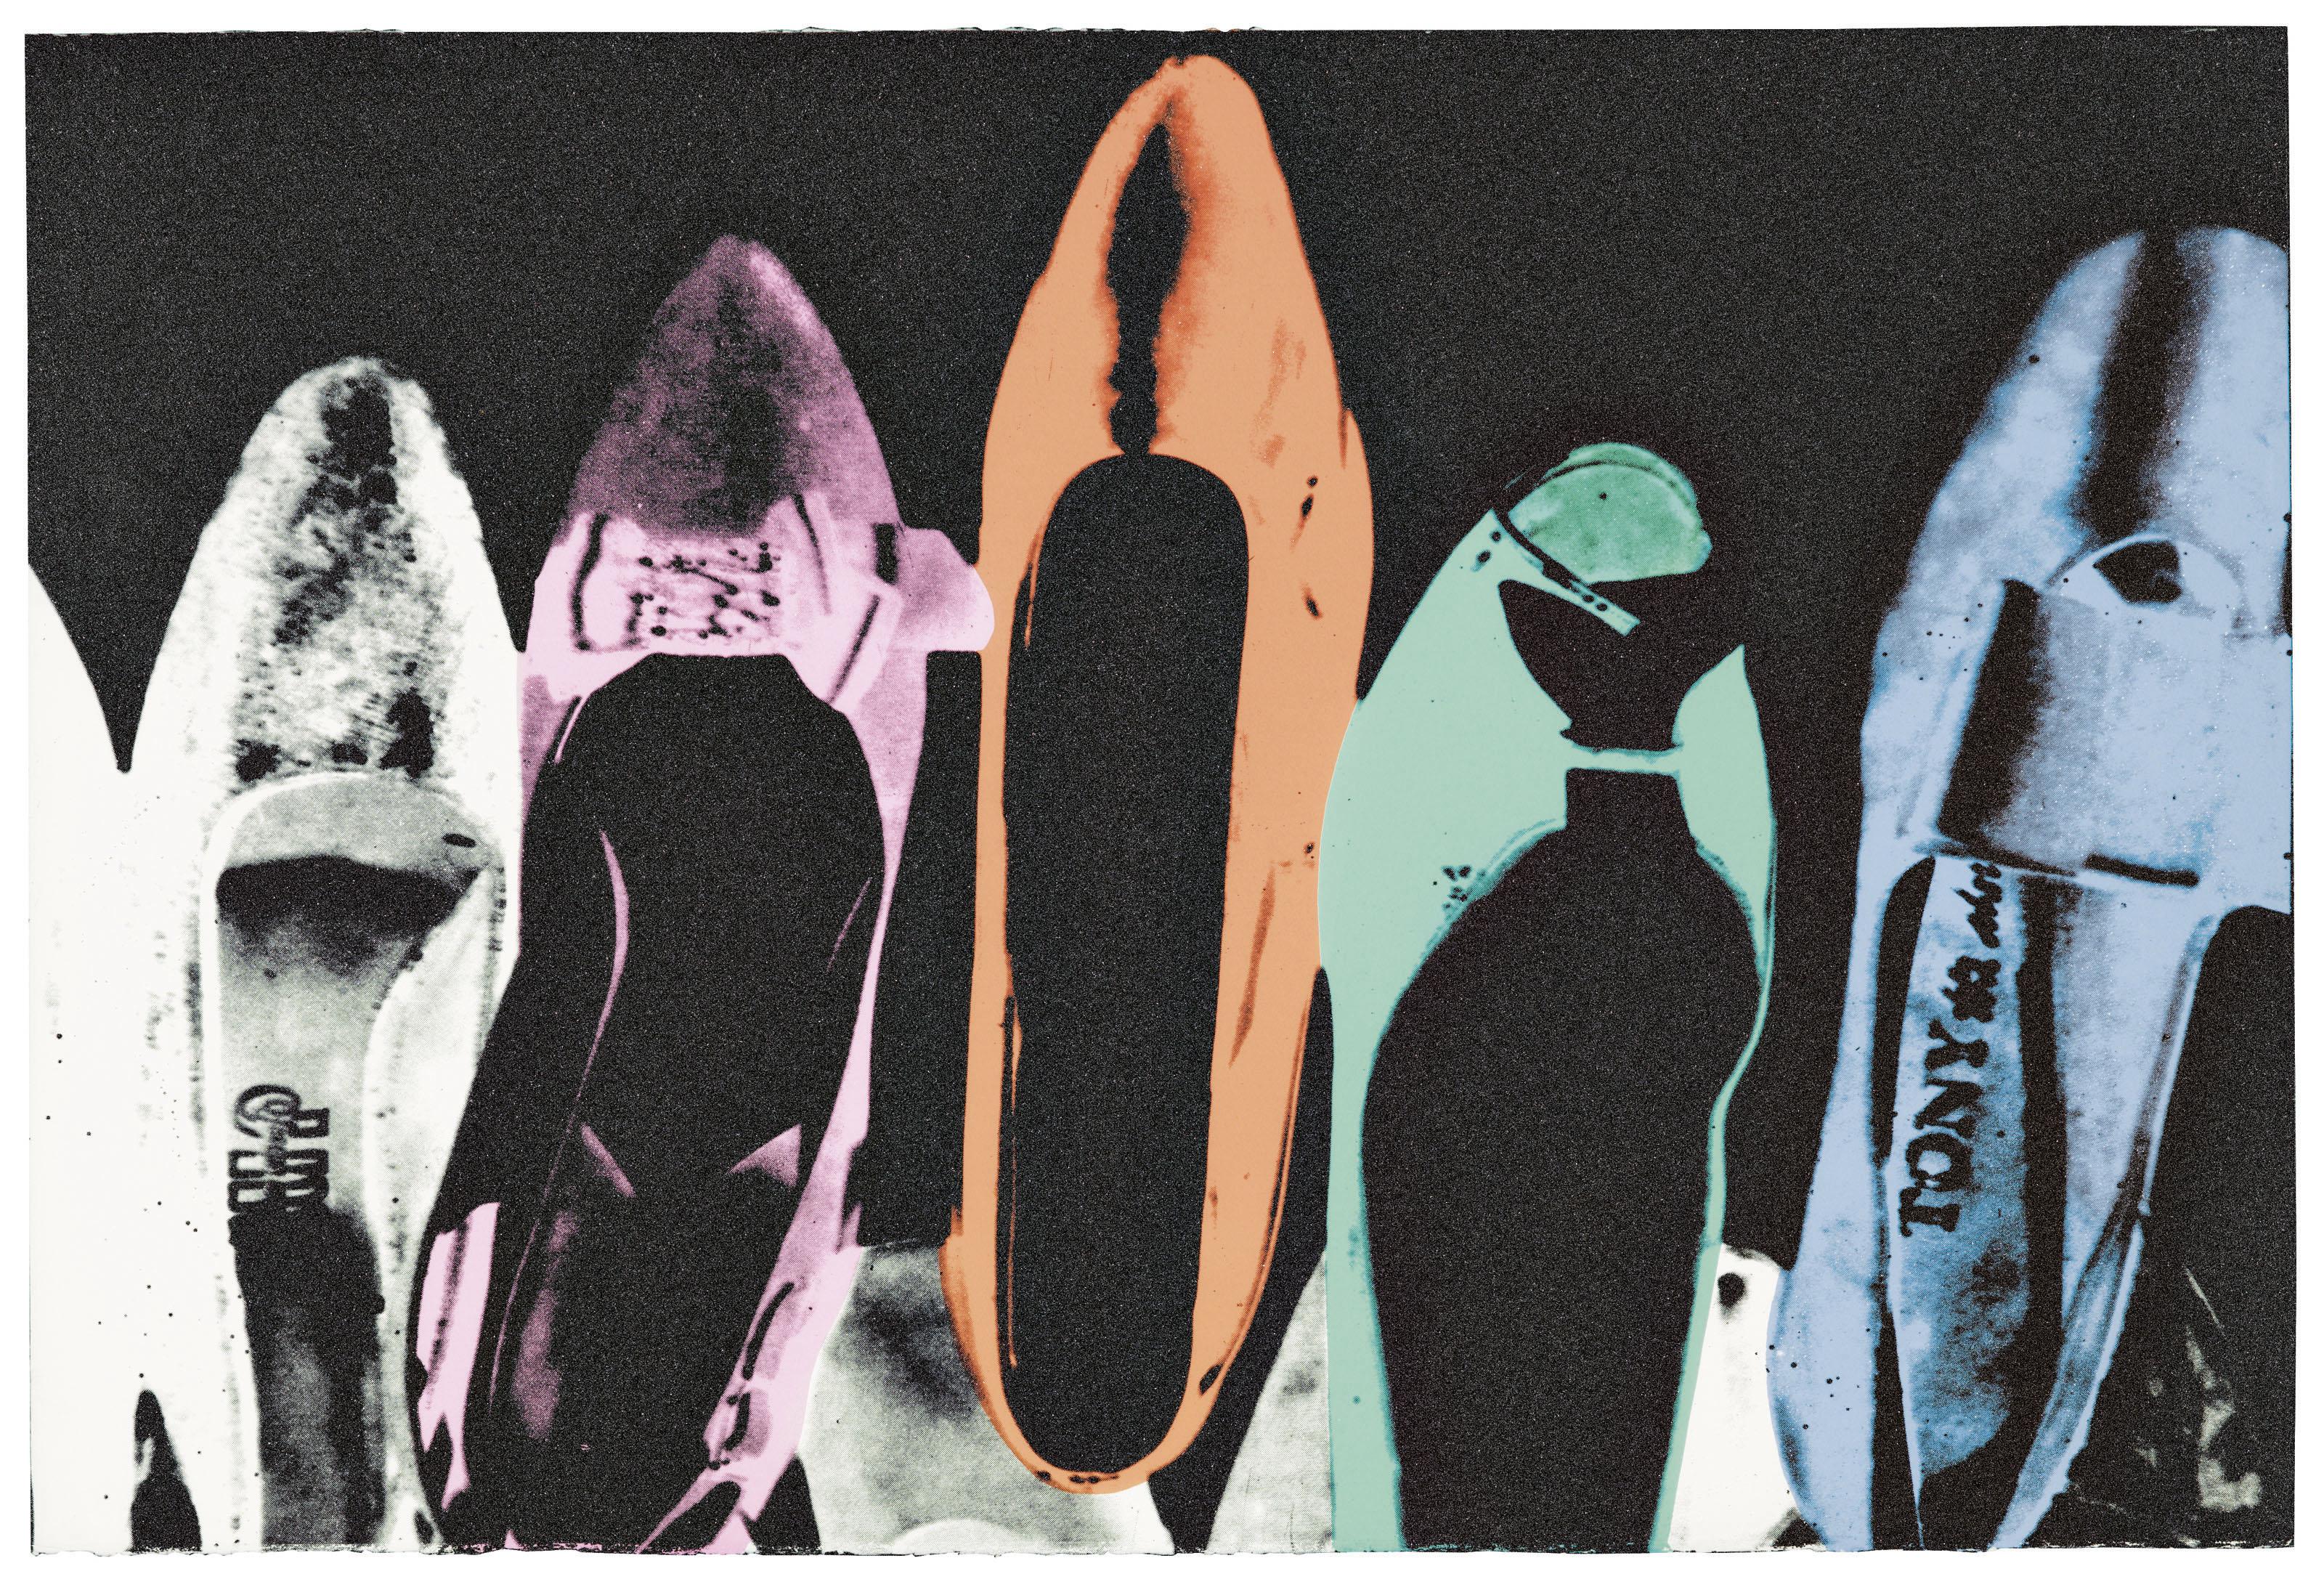 Una delle versioni di Dust Diamond Shoes, realizzata nel 1980 da Andy Warhol. (Courtesy: Christie's)